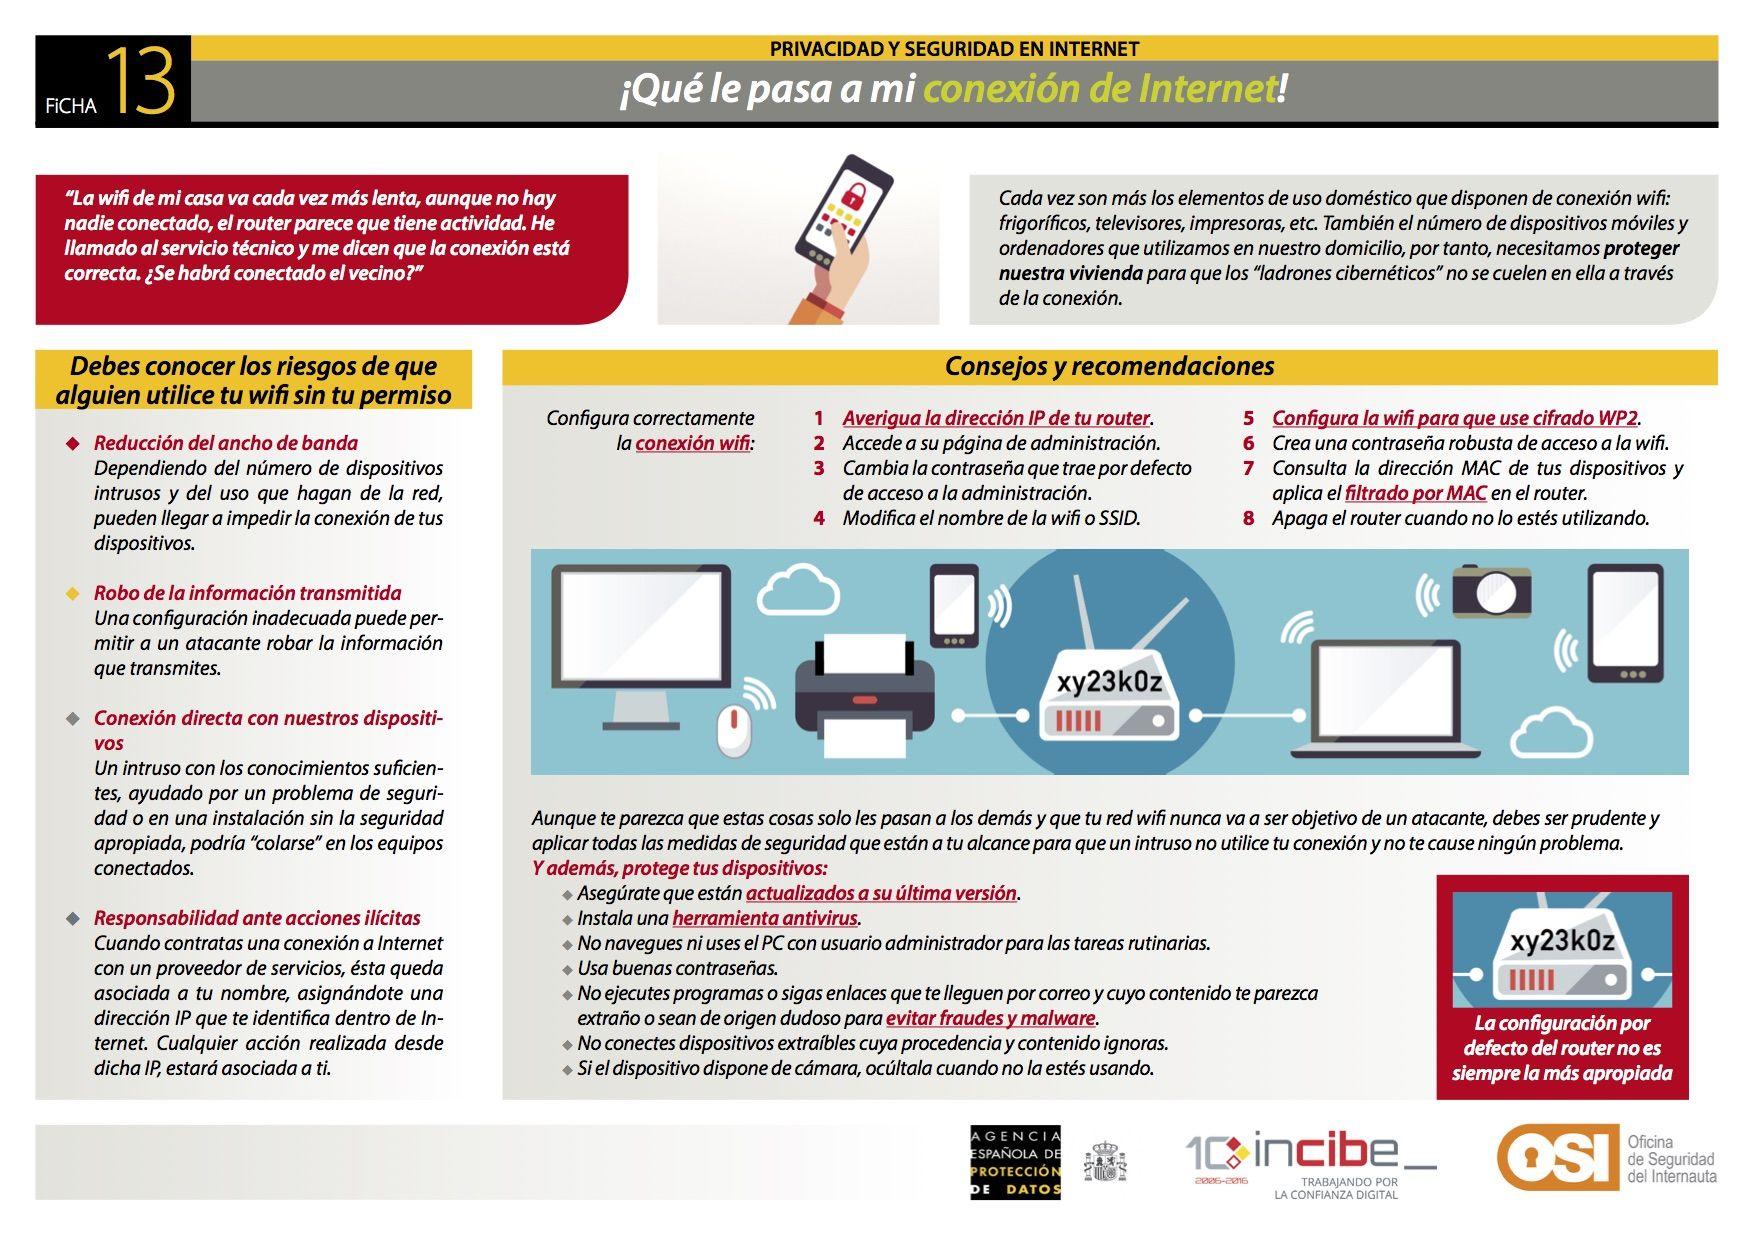 Que Le Pasa A Mi Conexion De Internet Infografia Infographic